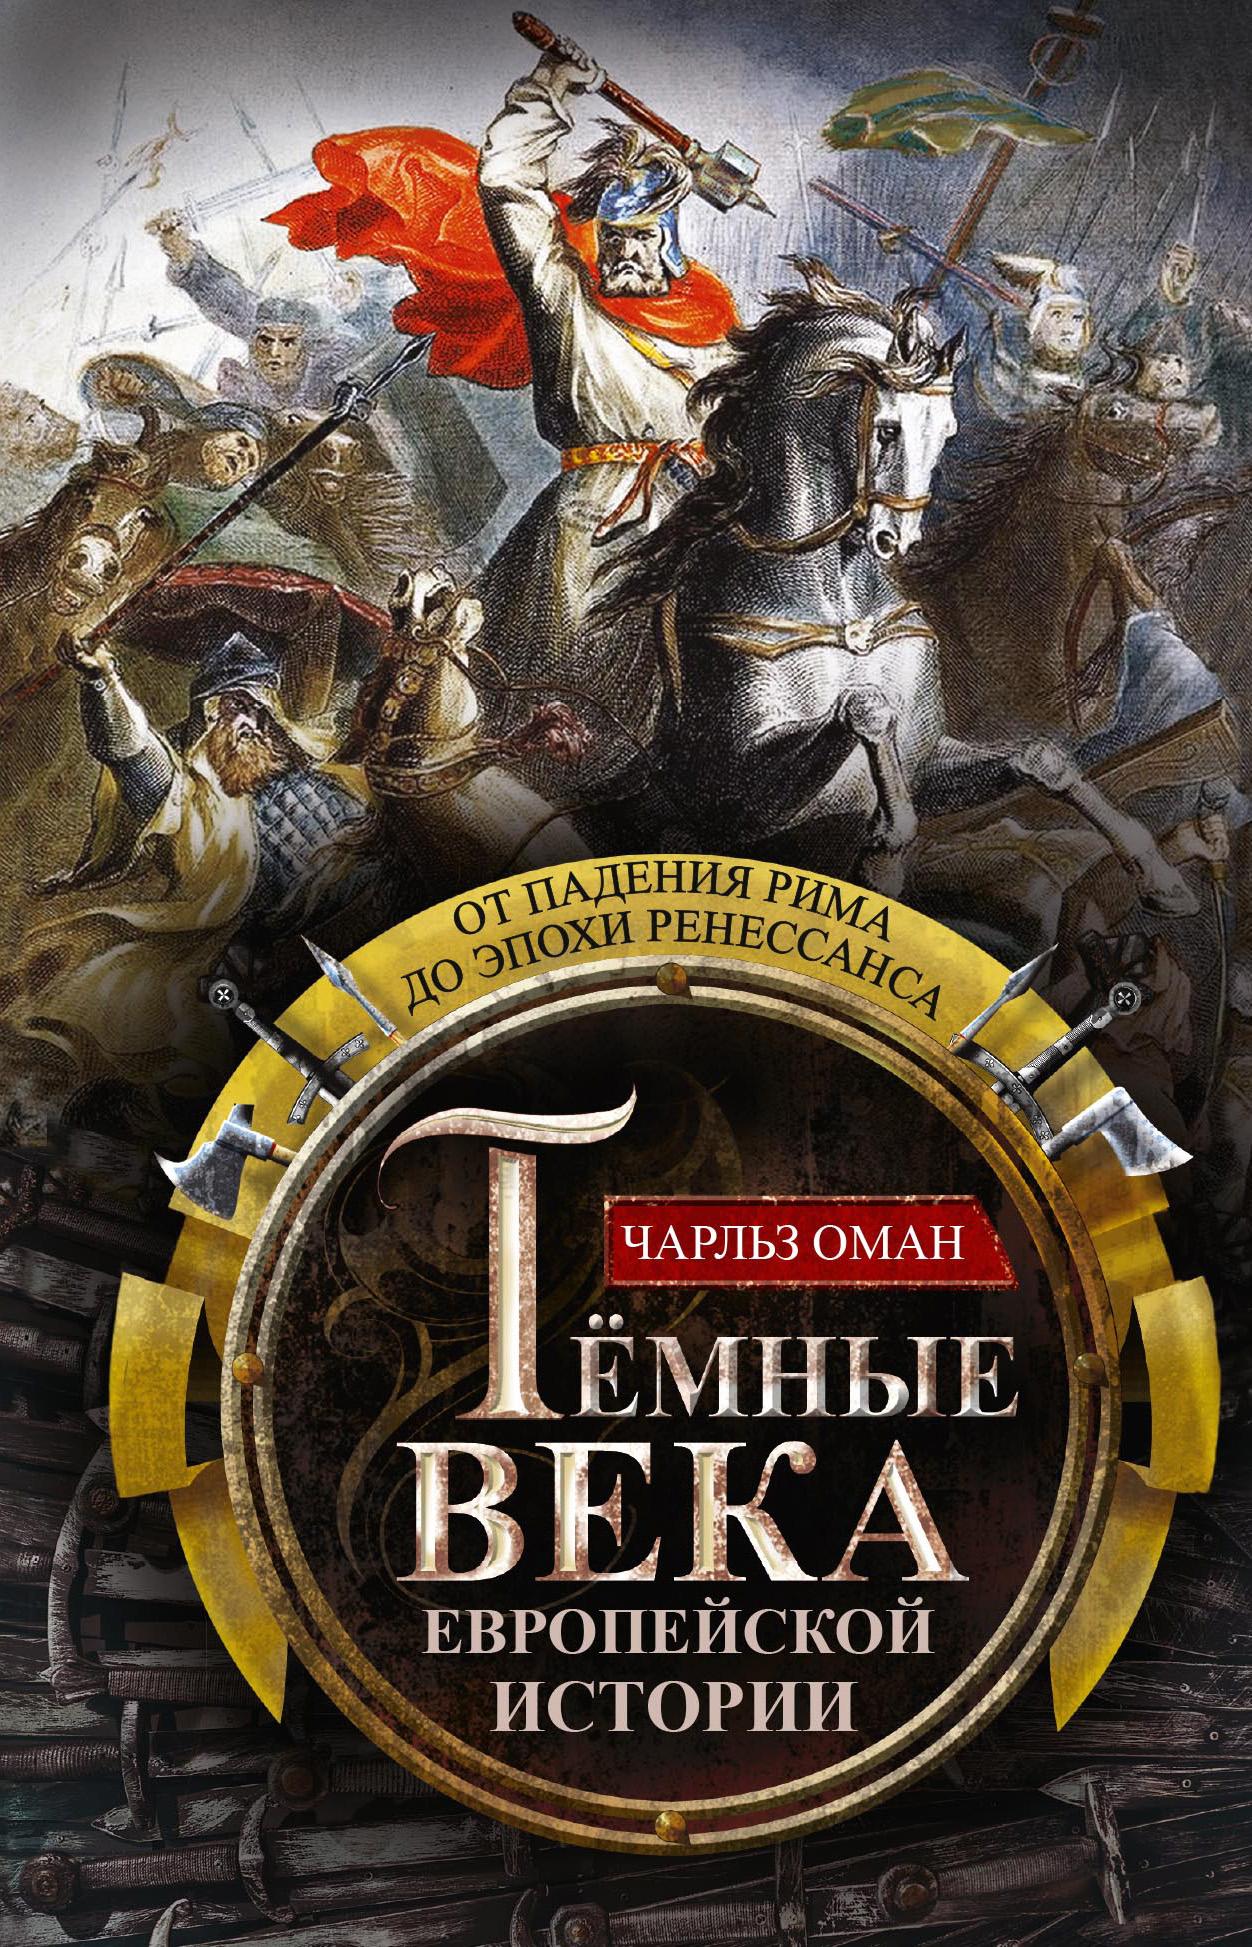 Темные века европейской истории. От падения Рима до эпохи Ренессанса фото